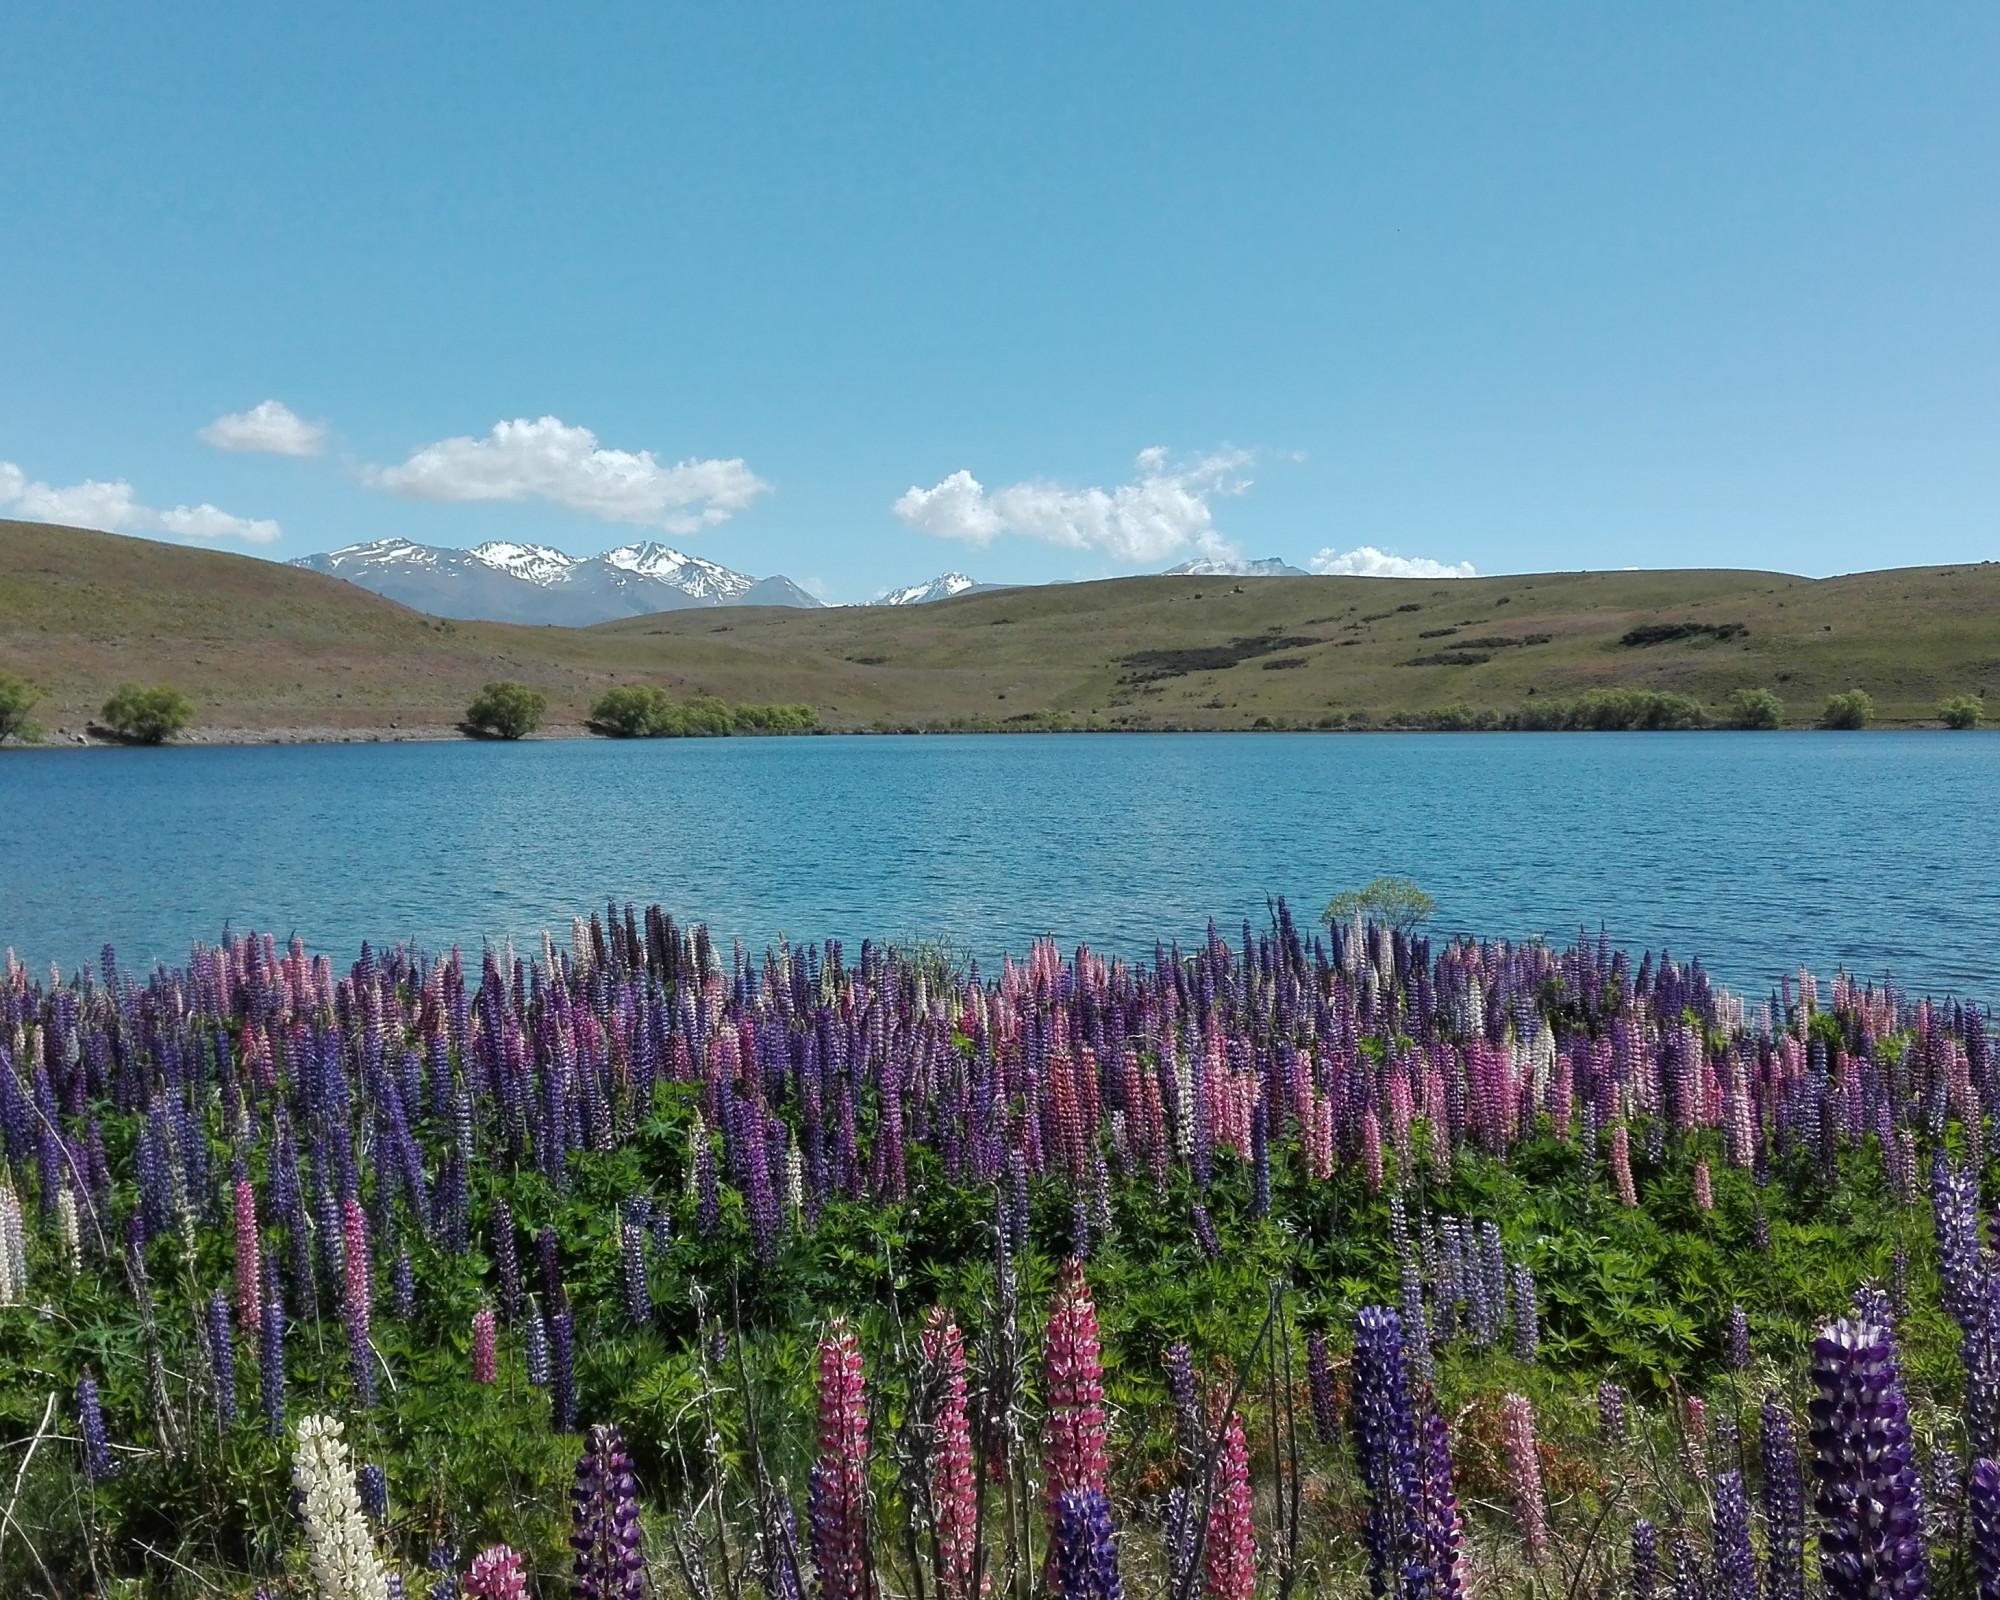 Photo 2: Lake Tekapo en Nouvelle-Zélande, la nature à l'état pur...